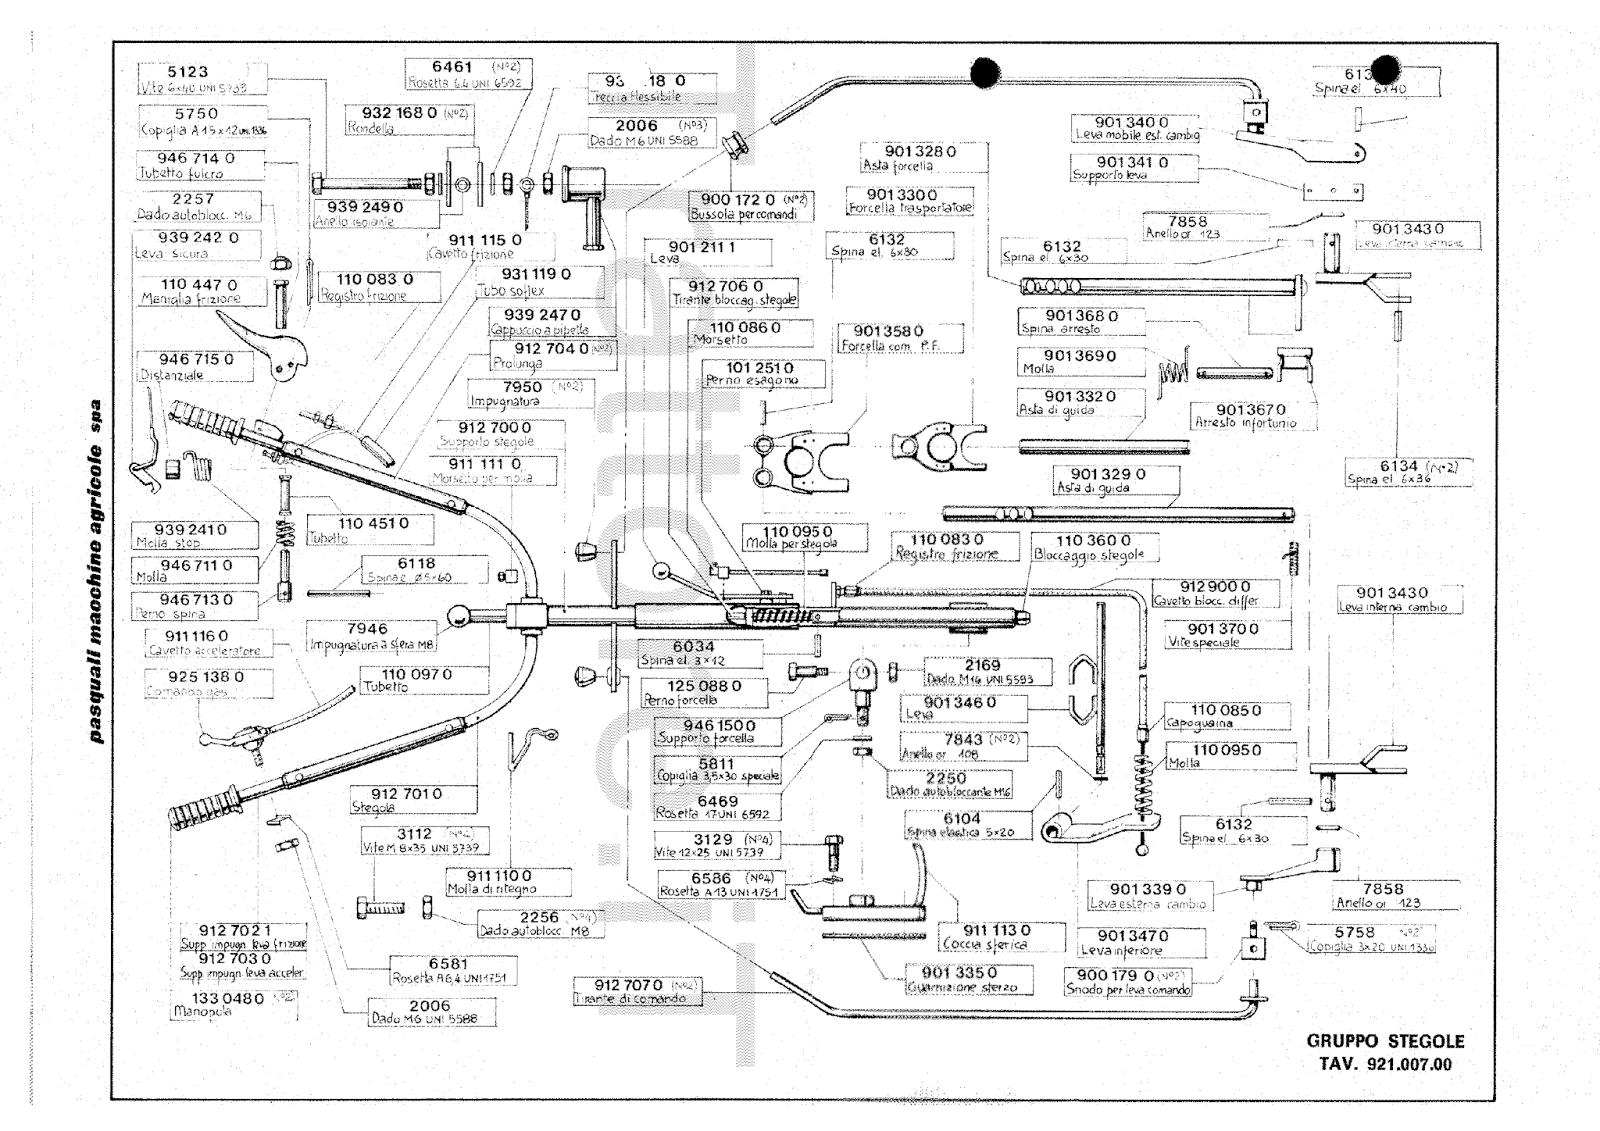 InfoTrattore.it: Motocoltivatore Pasquali 921 CV 8 manuale